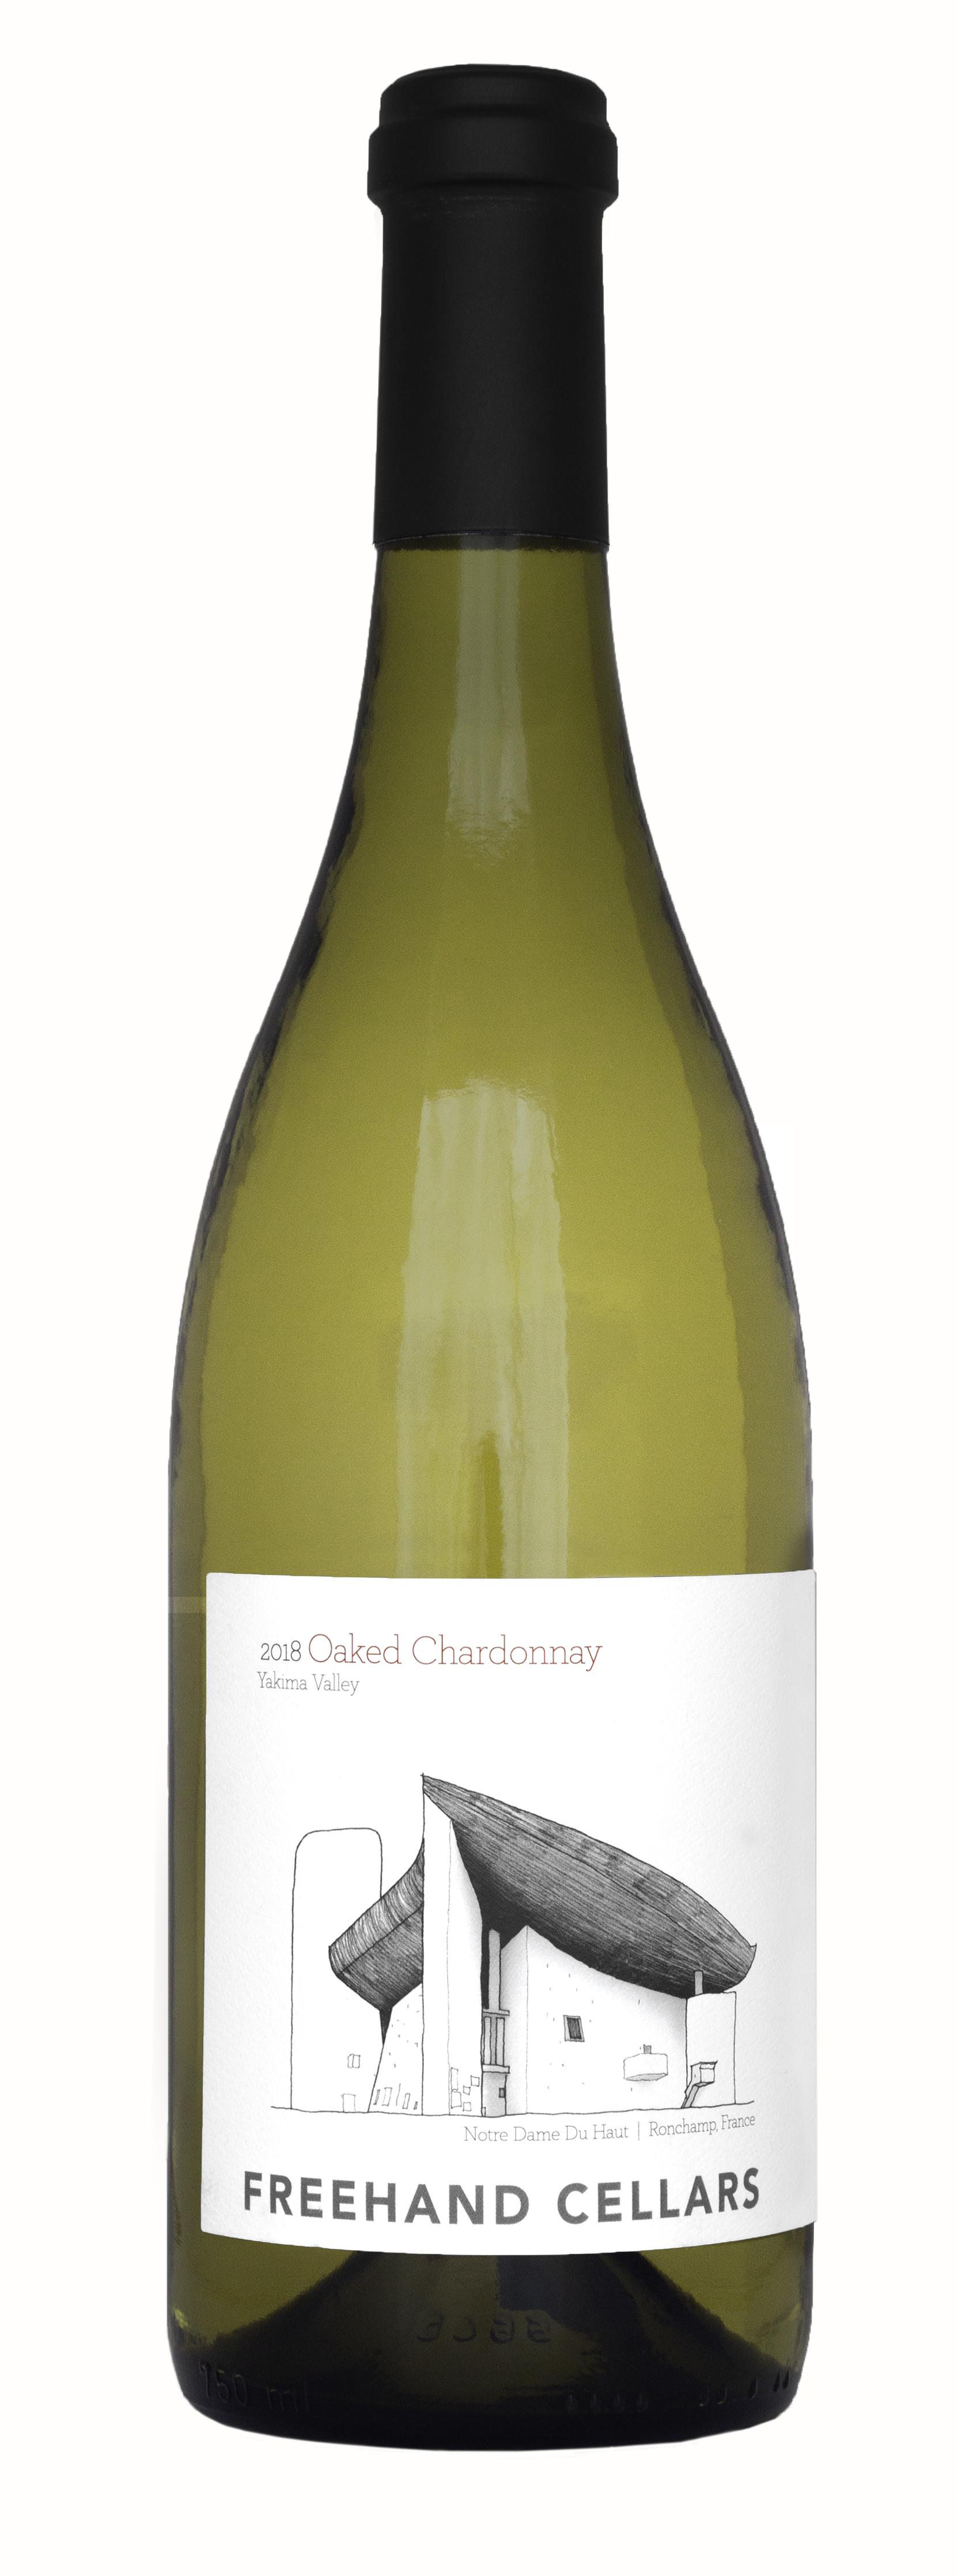 Oaked Chardonnay 2018v2.jpg